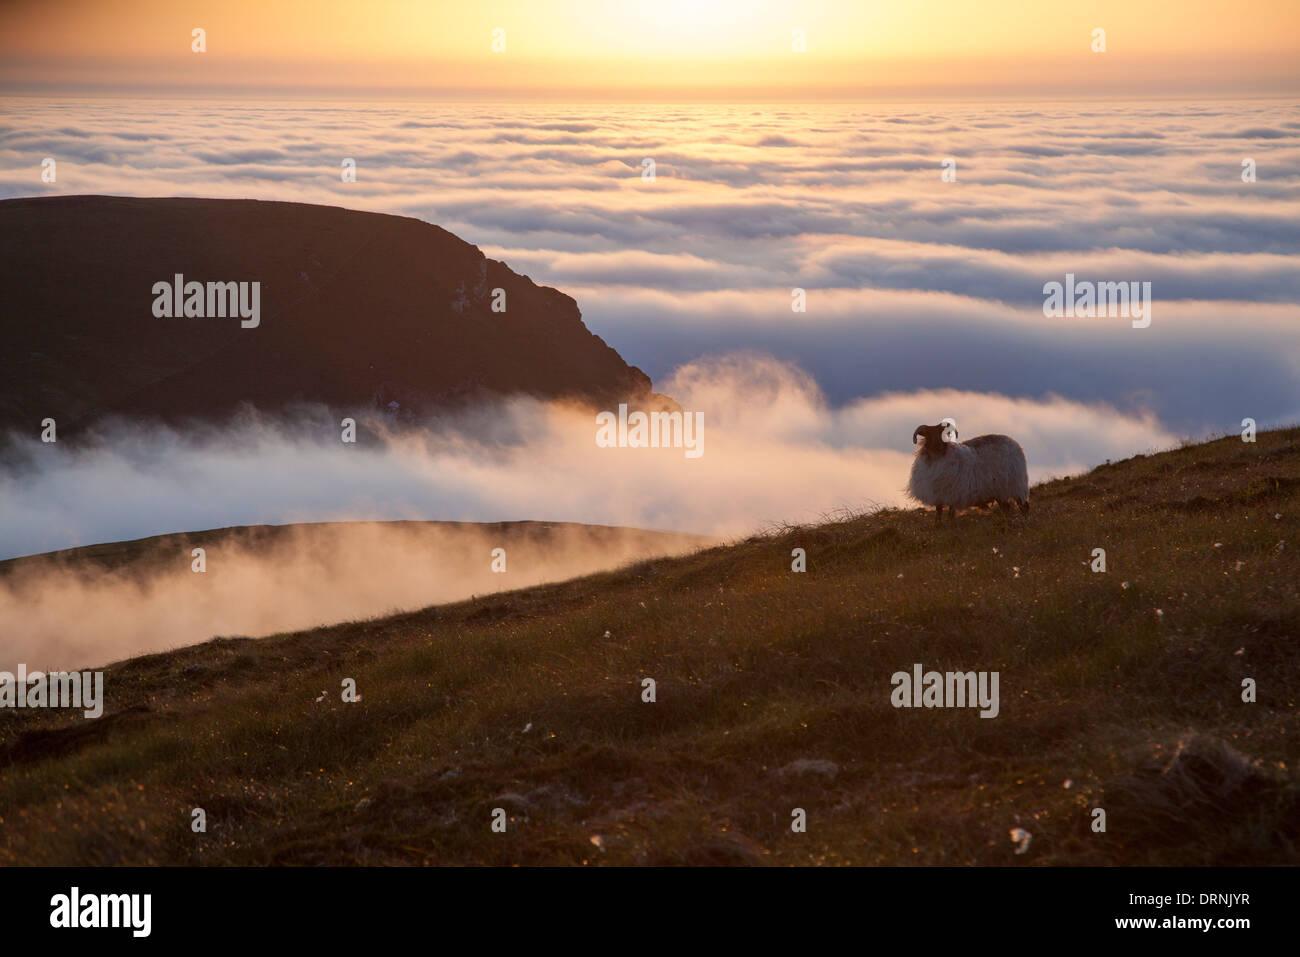 Nuvole al tramonto e pecore, Glinsk montagna, North Mayo seacliffs, County Mayo, Irlanda. Immagini Stock